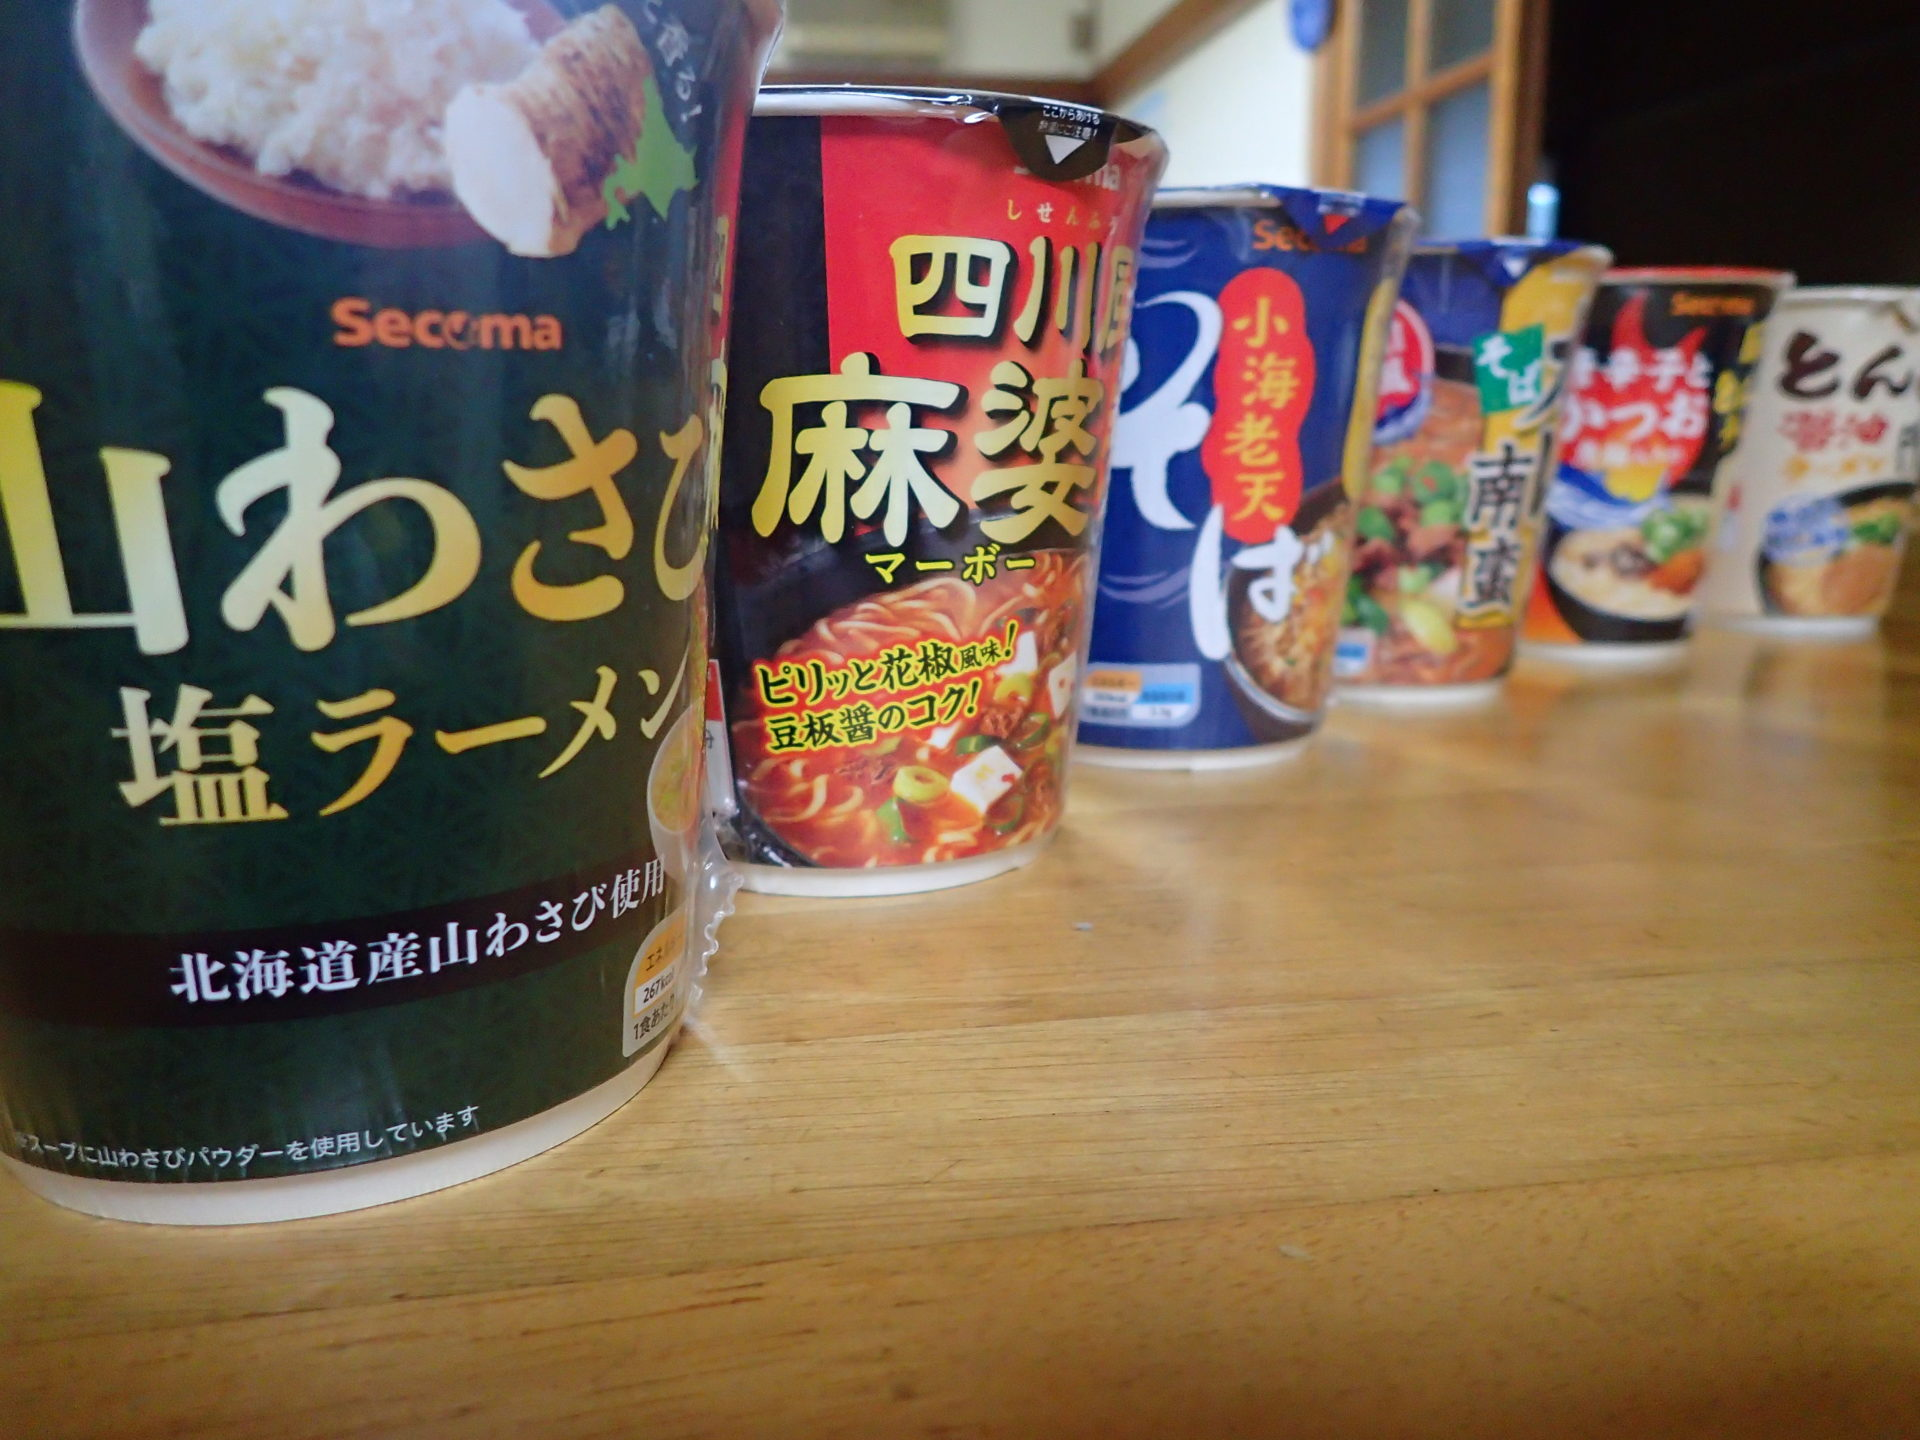 非常食にも最適!セイコーマートのオリジナルカップ麺は種類が豊富で新商品も続々登場!いろいろ食べたので紹介するよ♪ - いばらじお♪